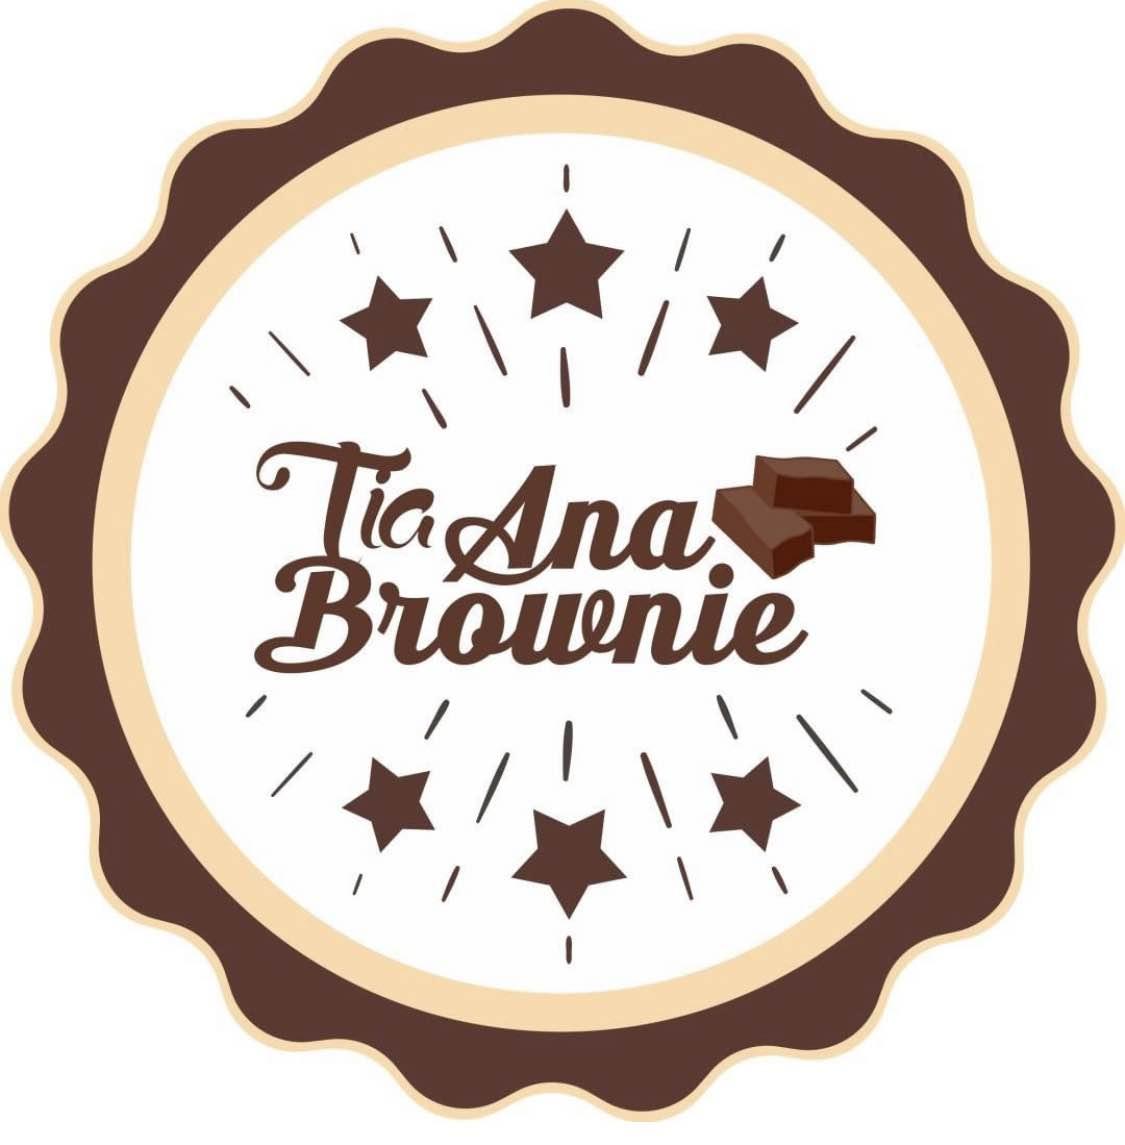 Pague e pegue Brownie da tia Ana